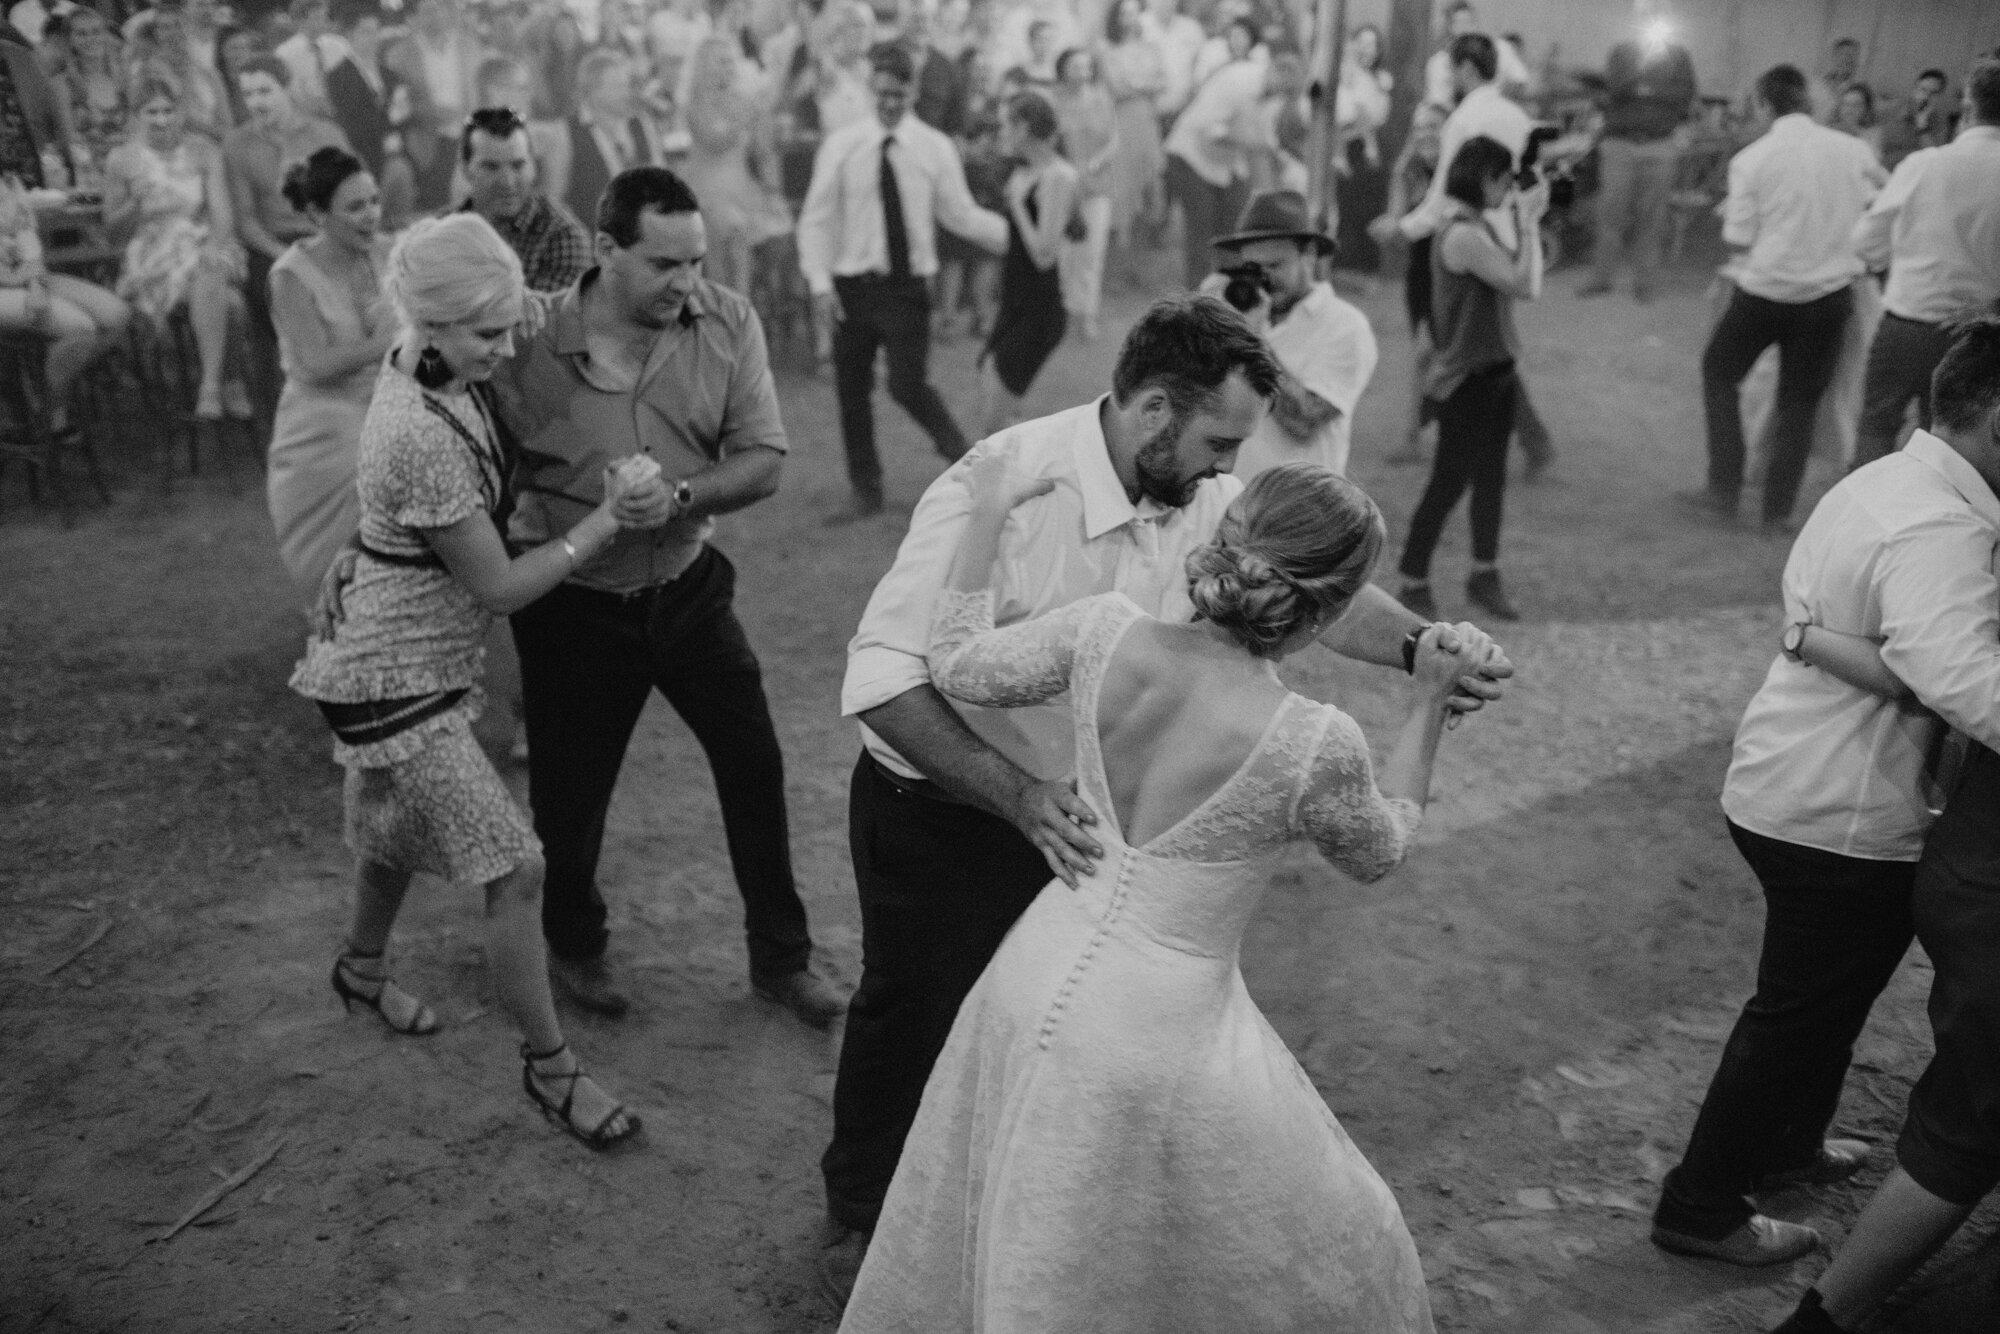 First dance barn dance